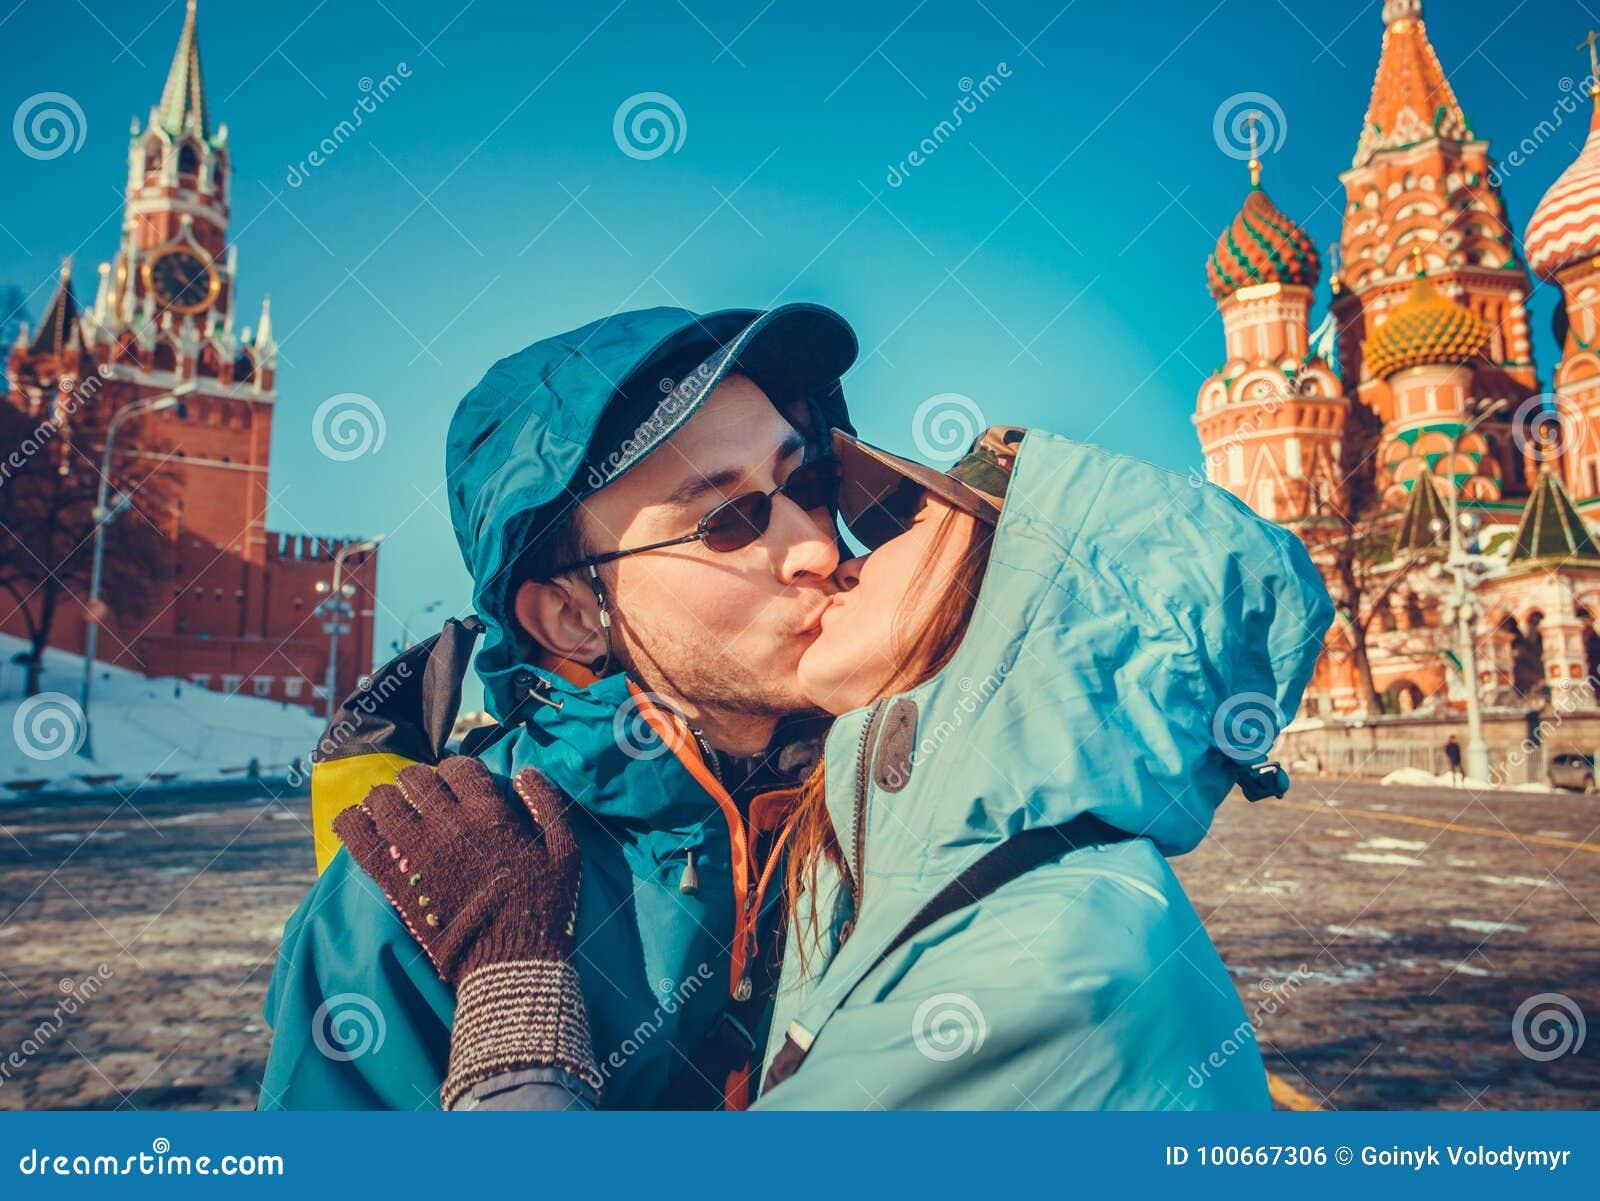 Turistas felices que se besan en la Plaza Roja, Moscú